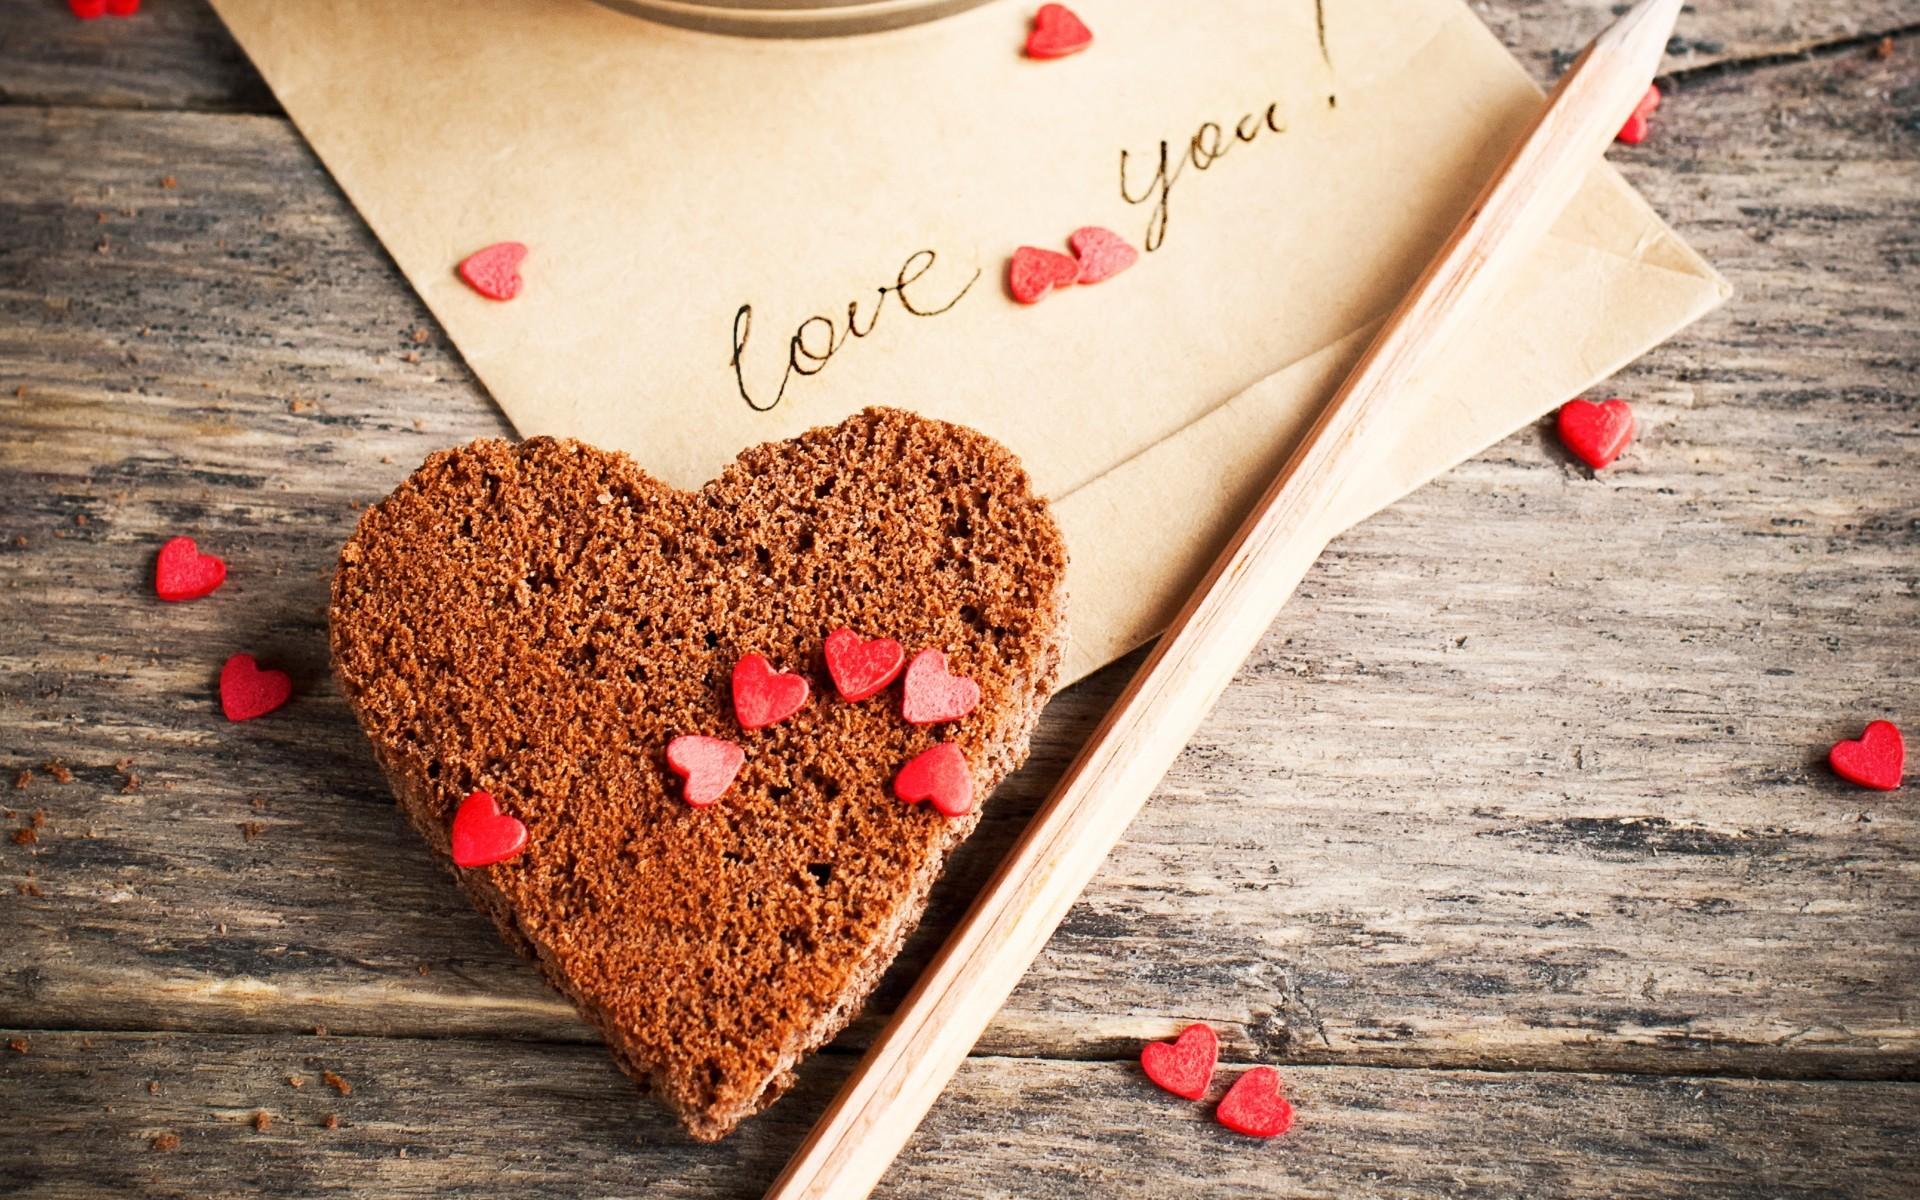 Картинка: Сердце, любовь, признание